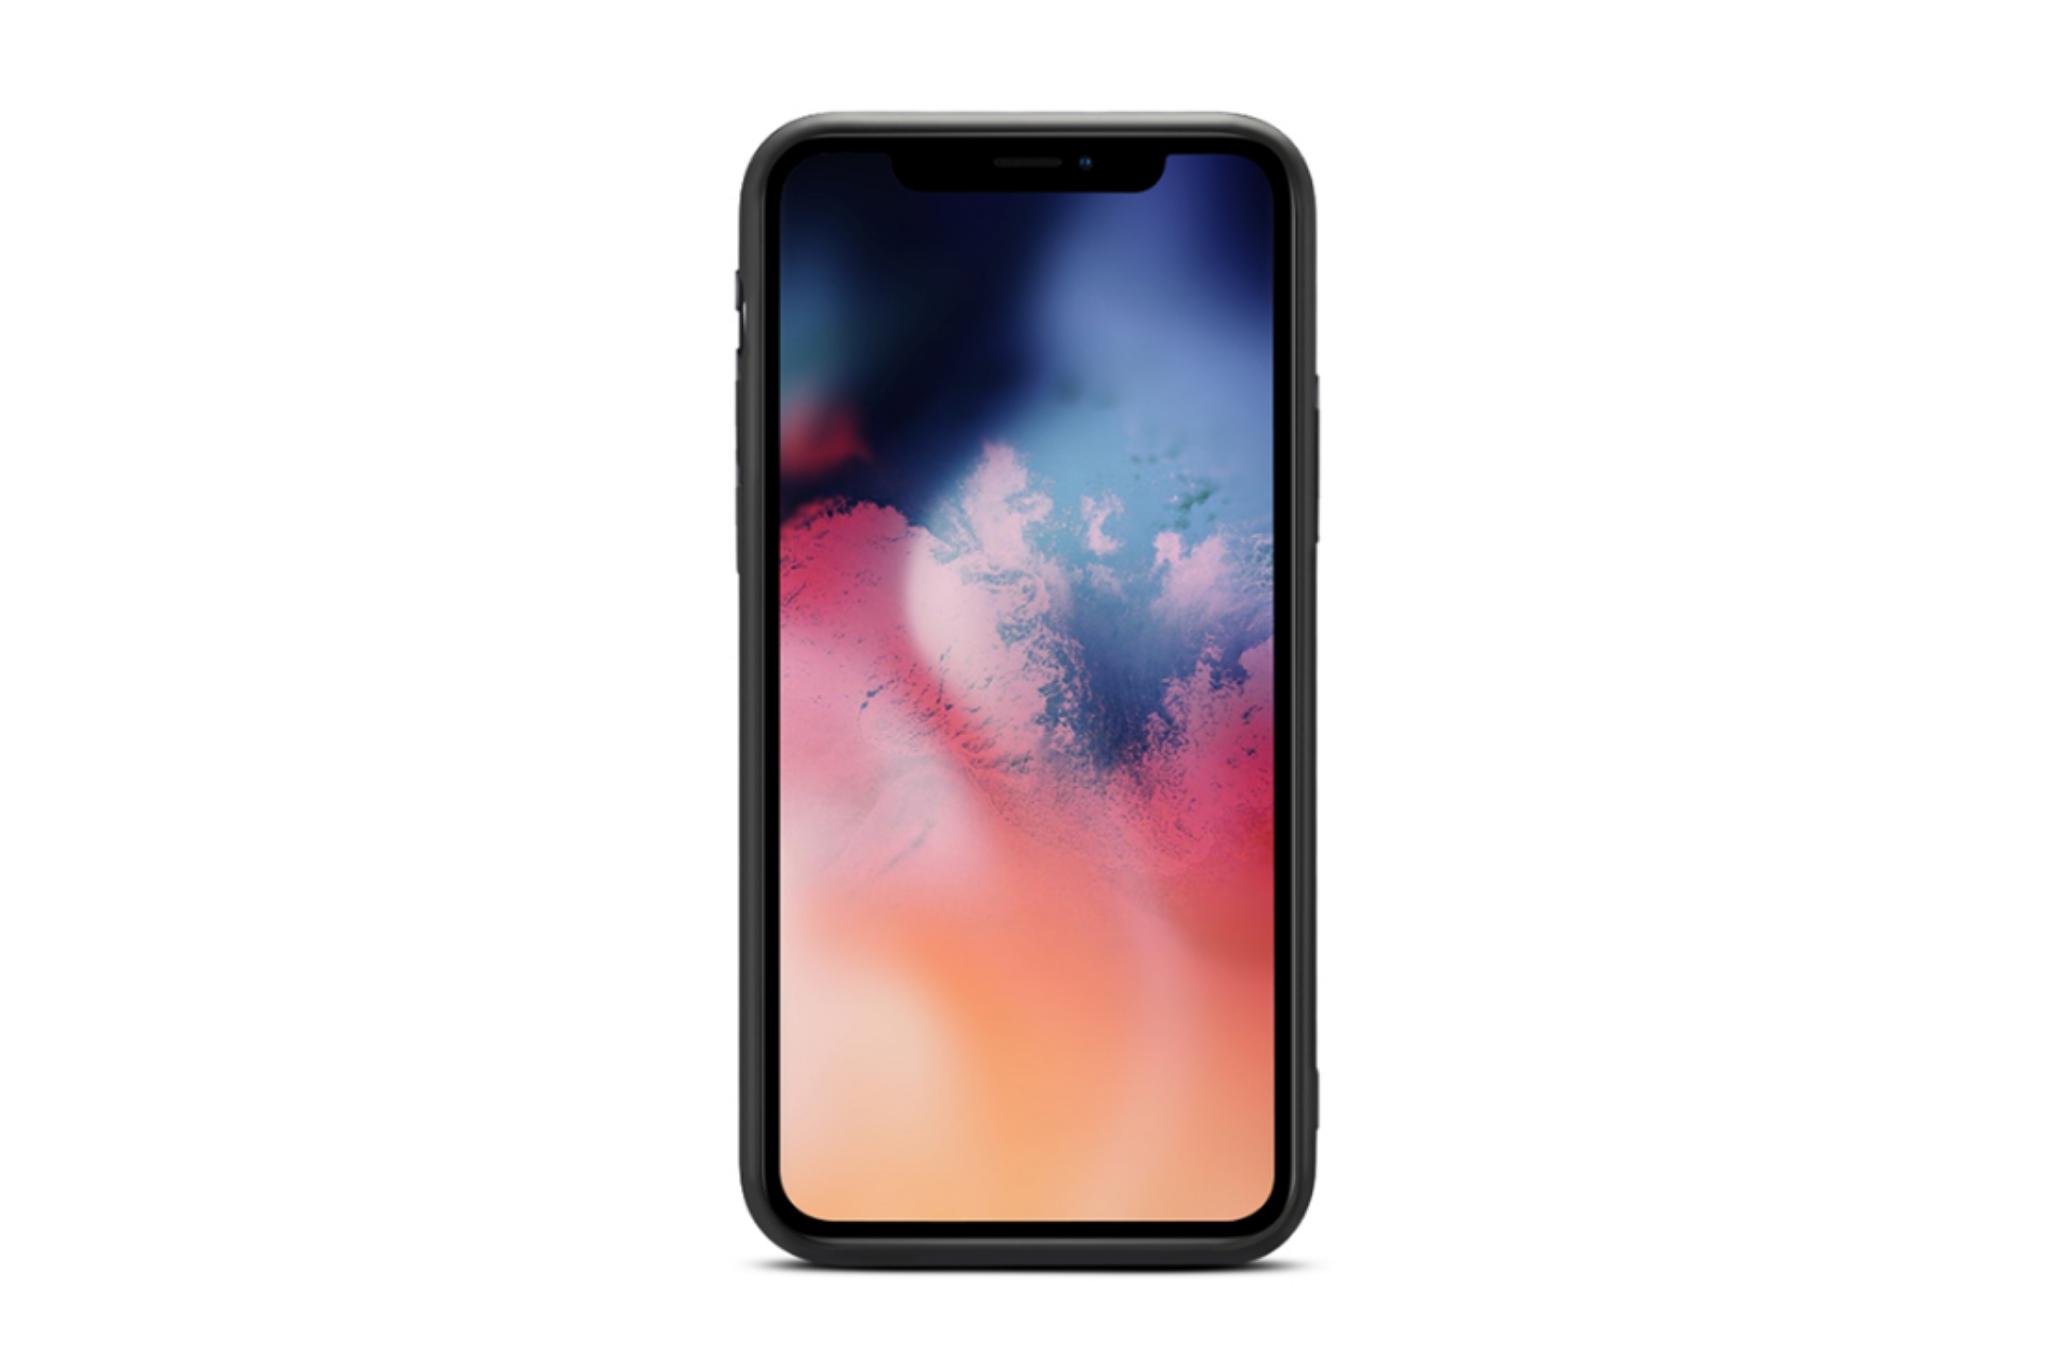 Smartphonehoesje iPhone 11 Pro Max | Portemonnee | Zwart